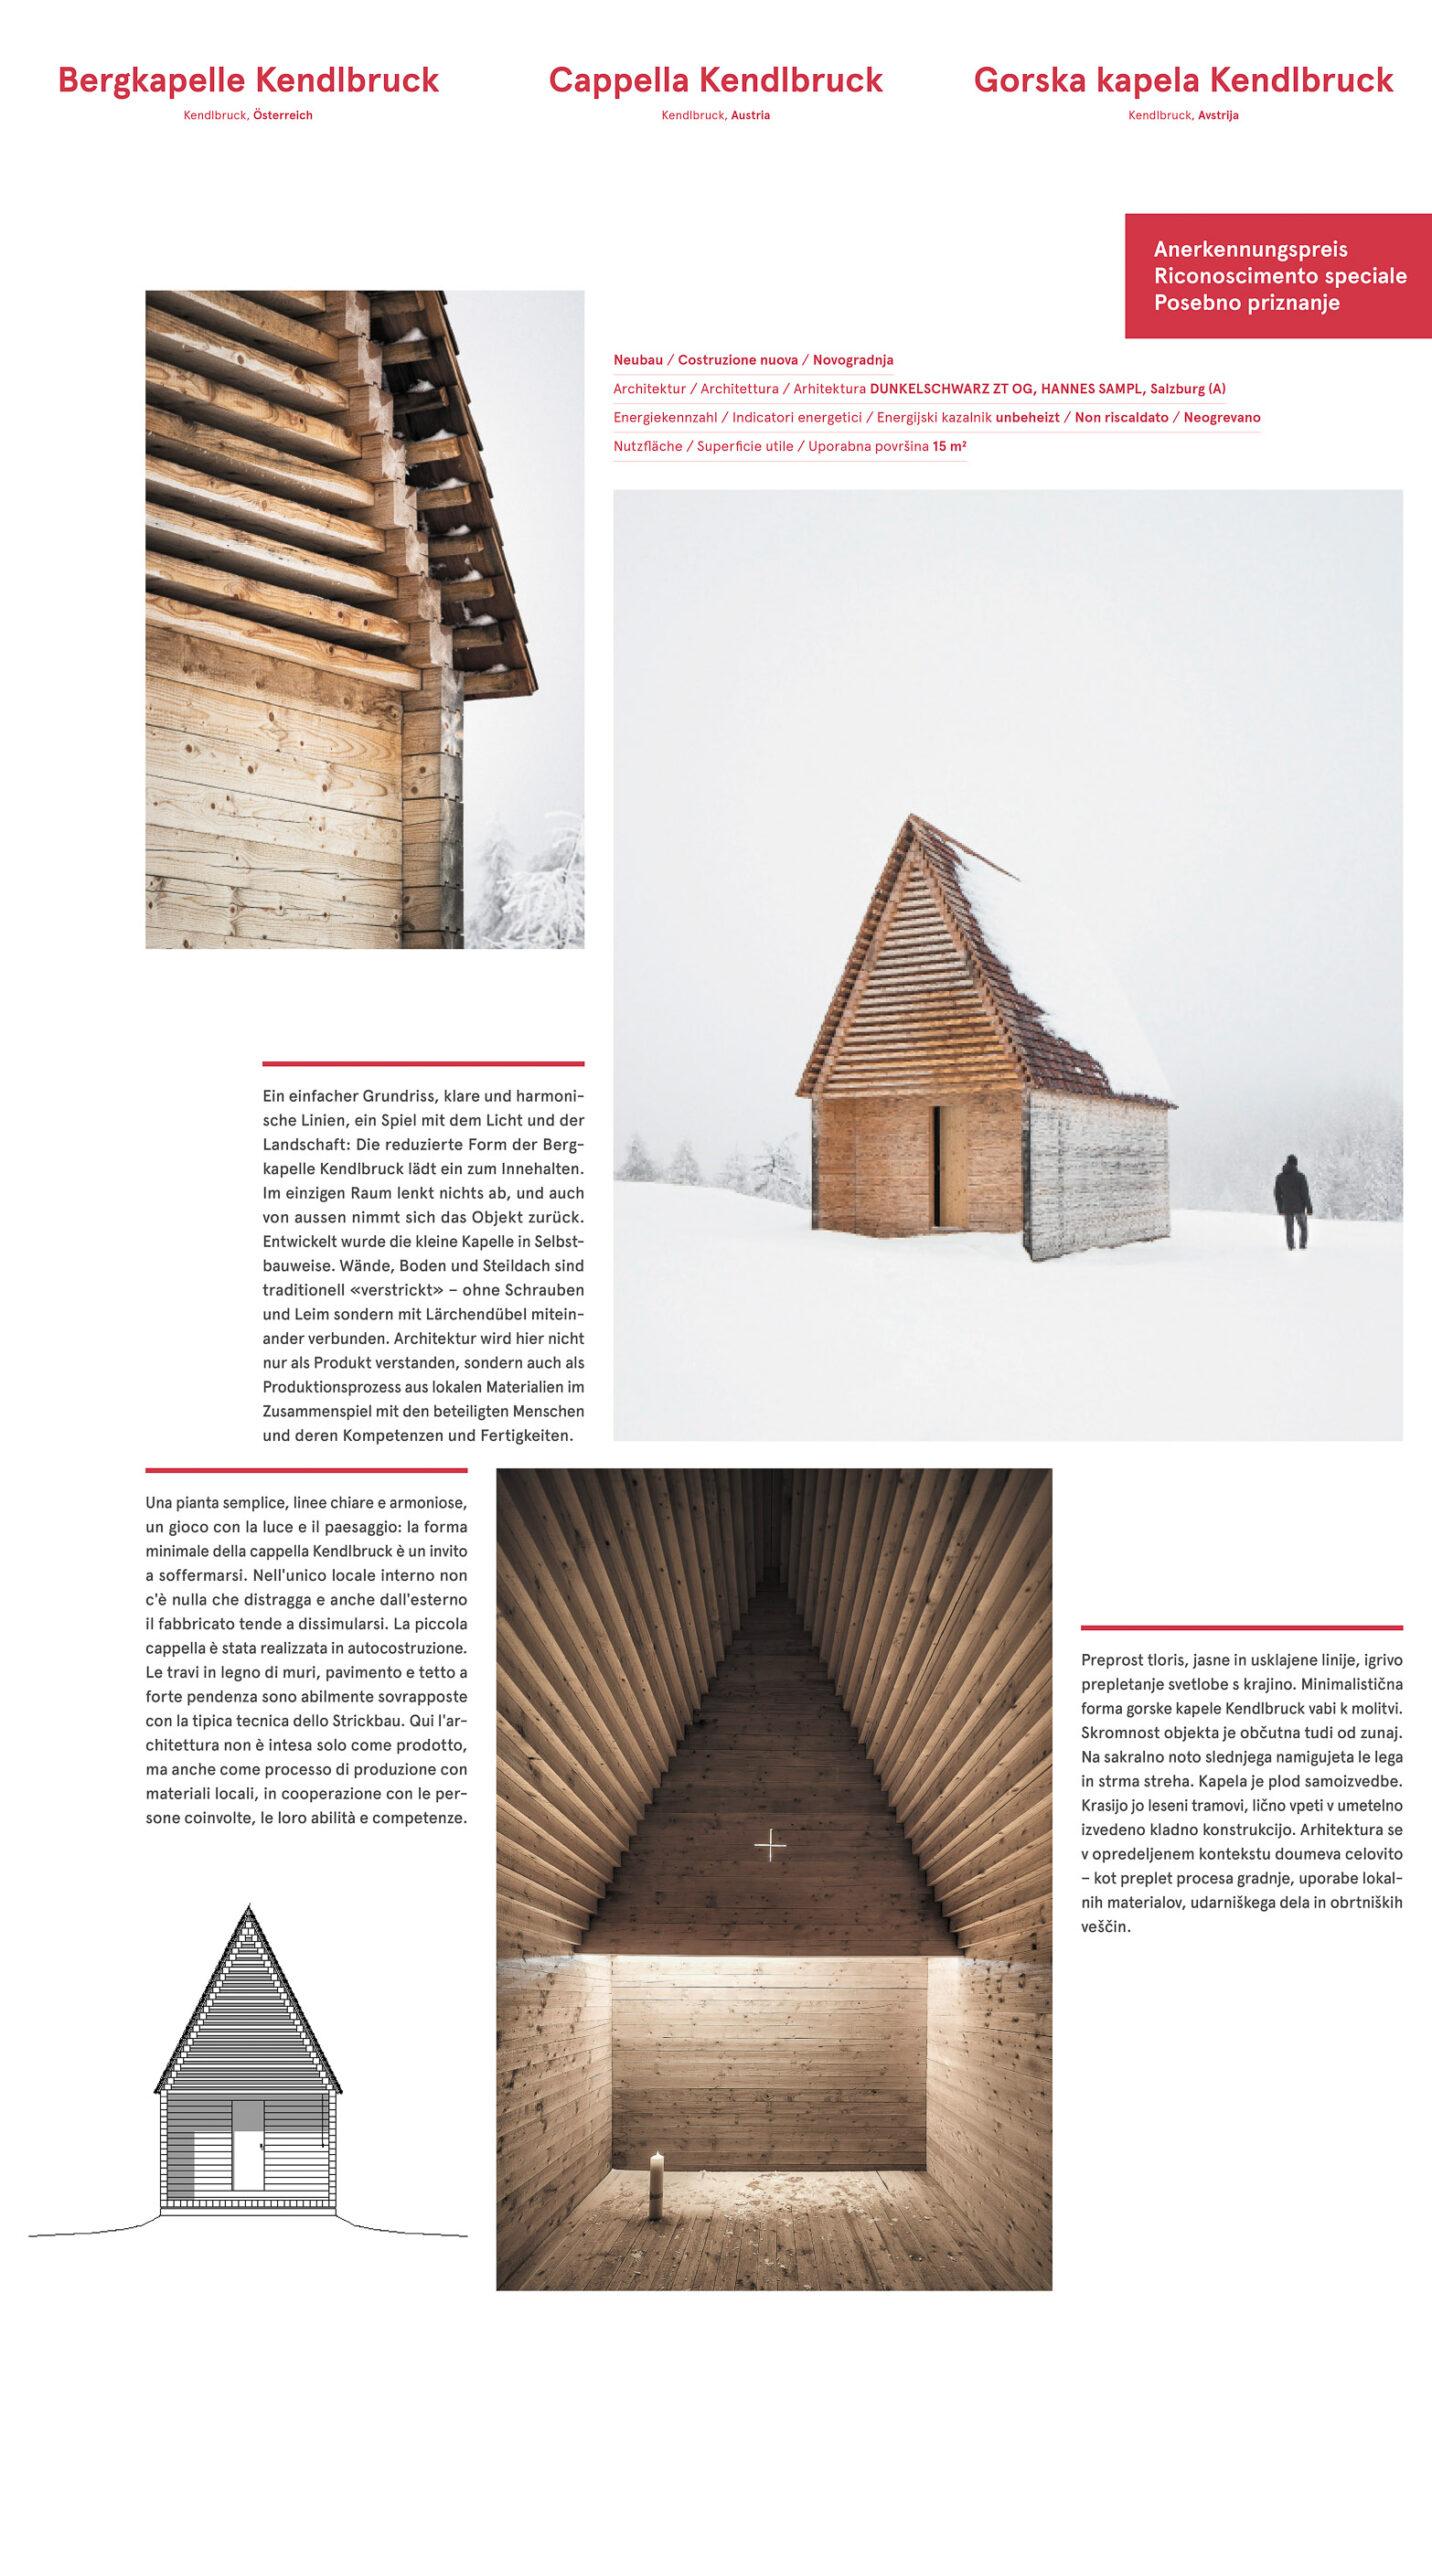 Layout für die Ausstellungstafeln des Alpinen Museums